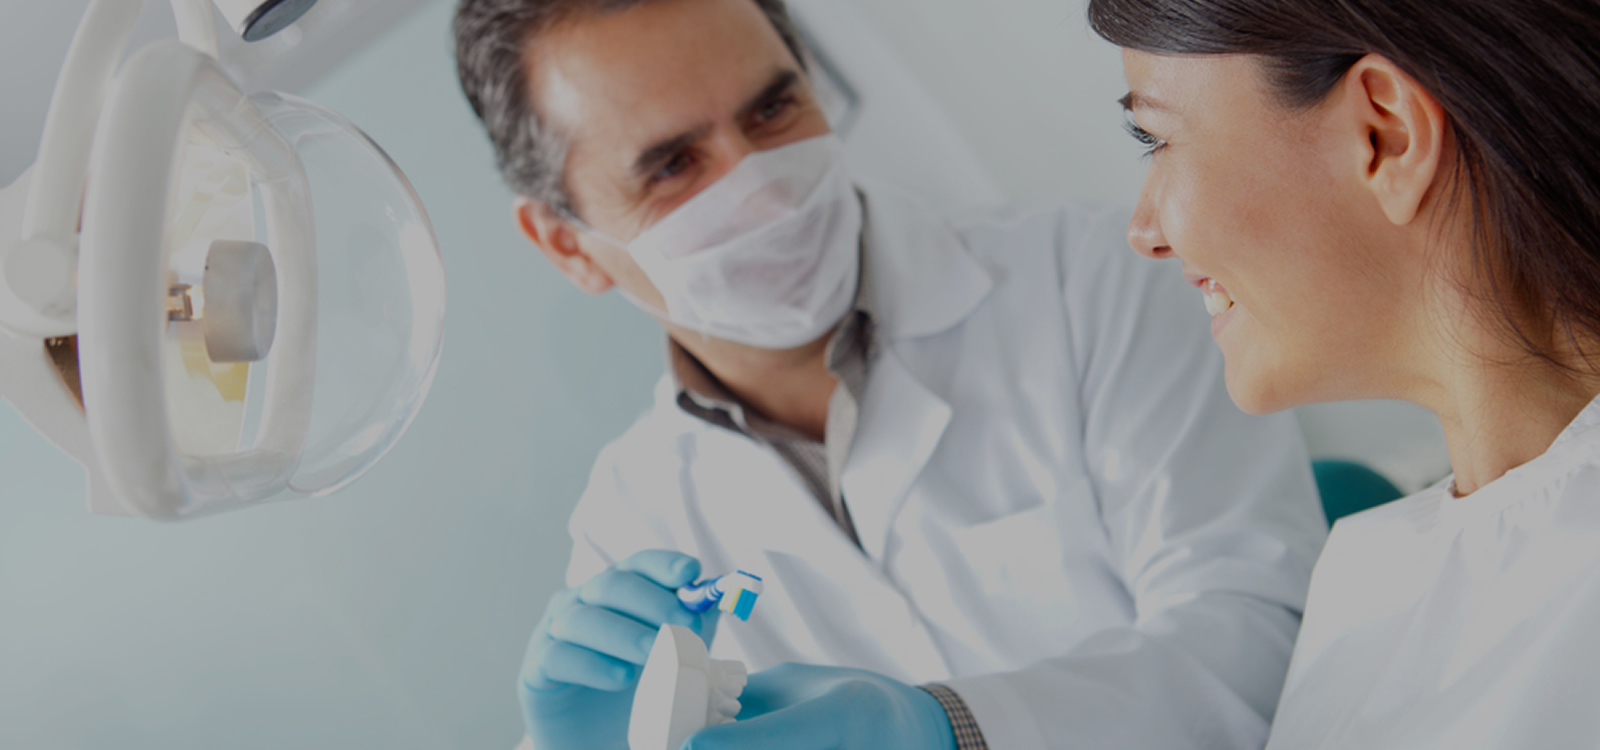 Παγκύπριος Οδοντιατρικός Σύλλογος